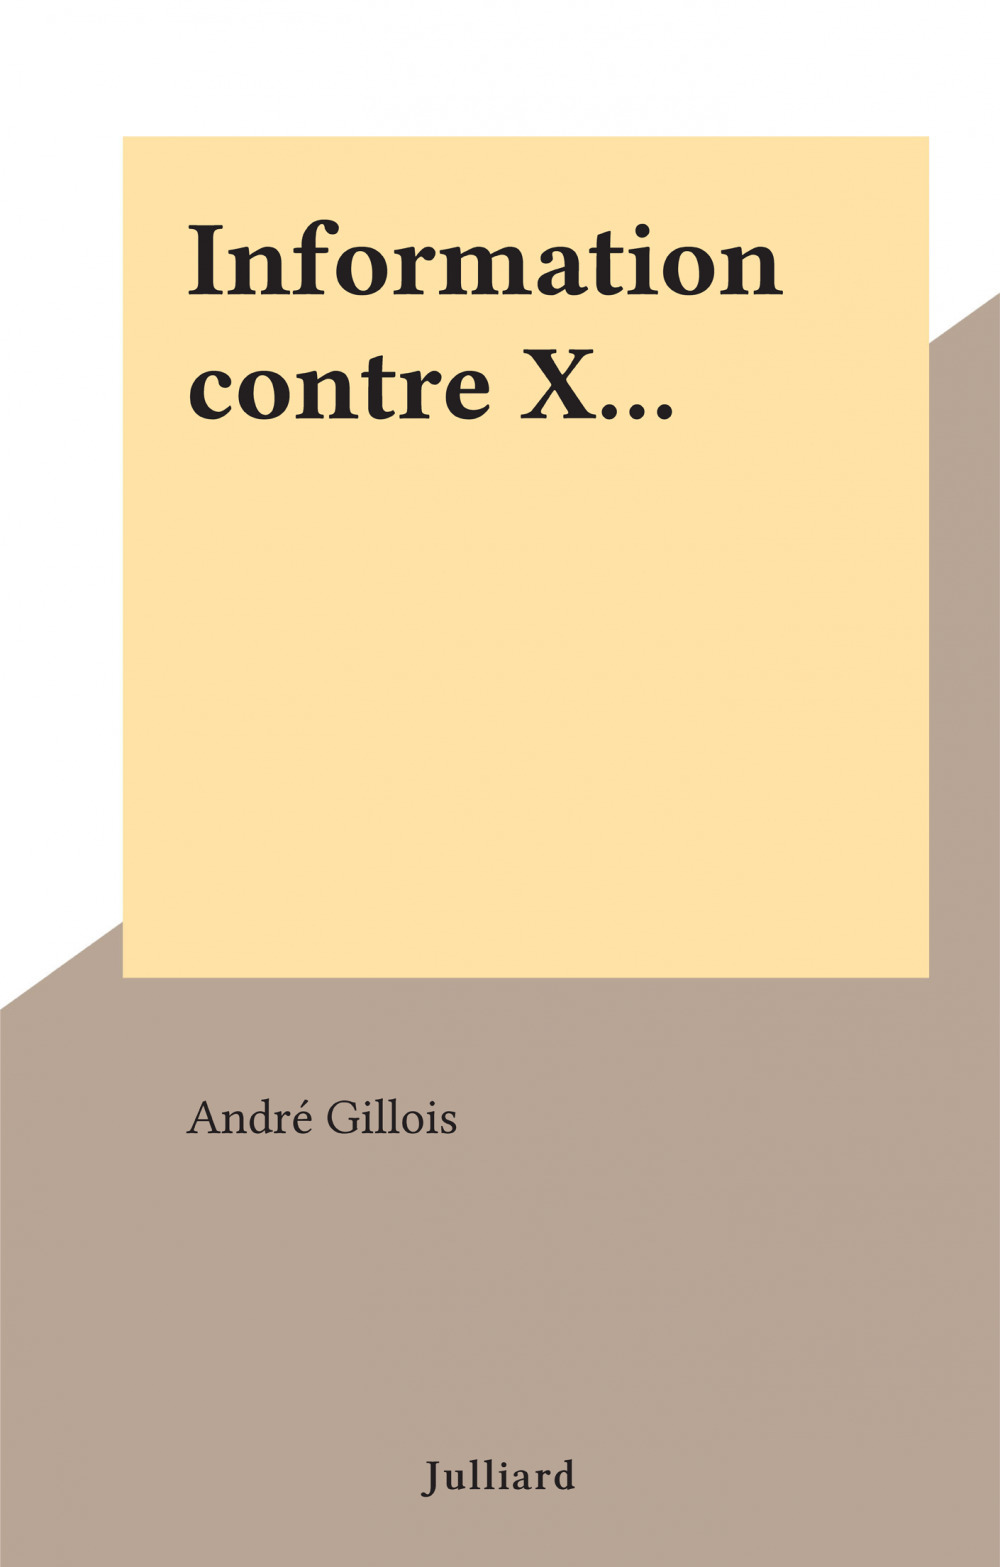 Information contre X...  - André Gillois